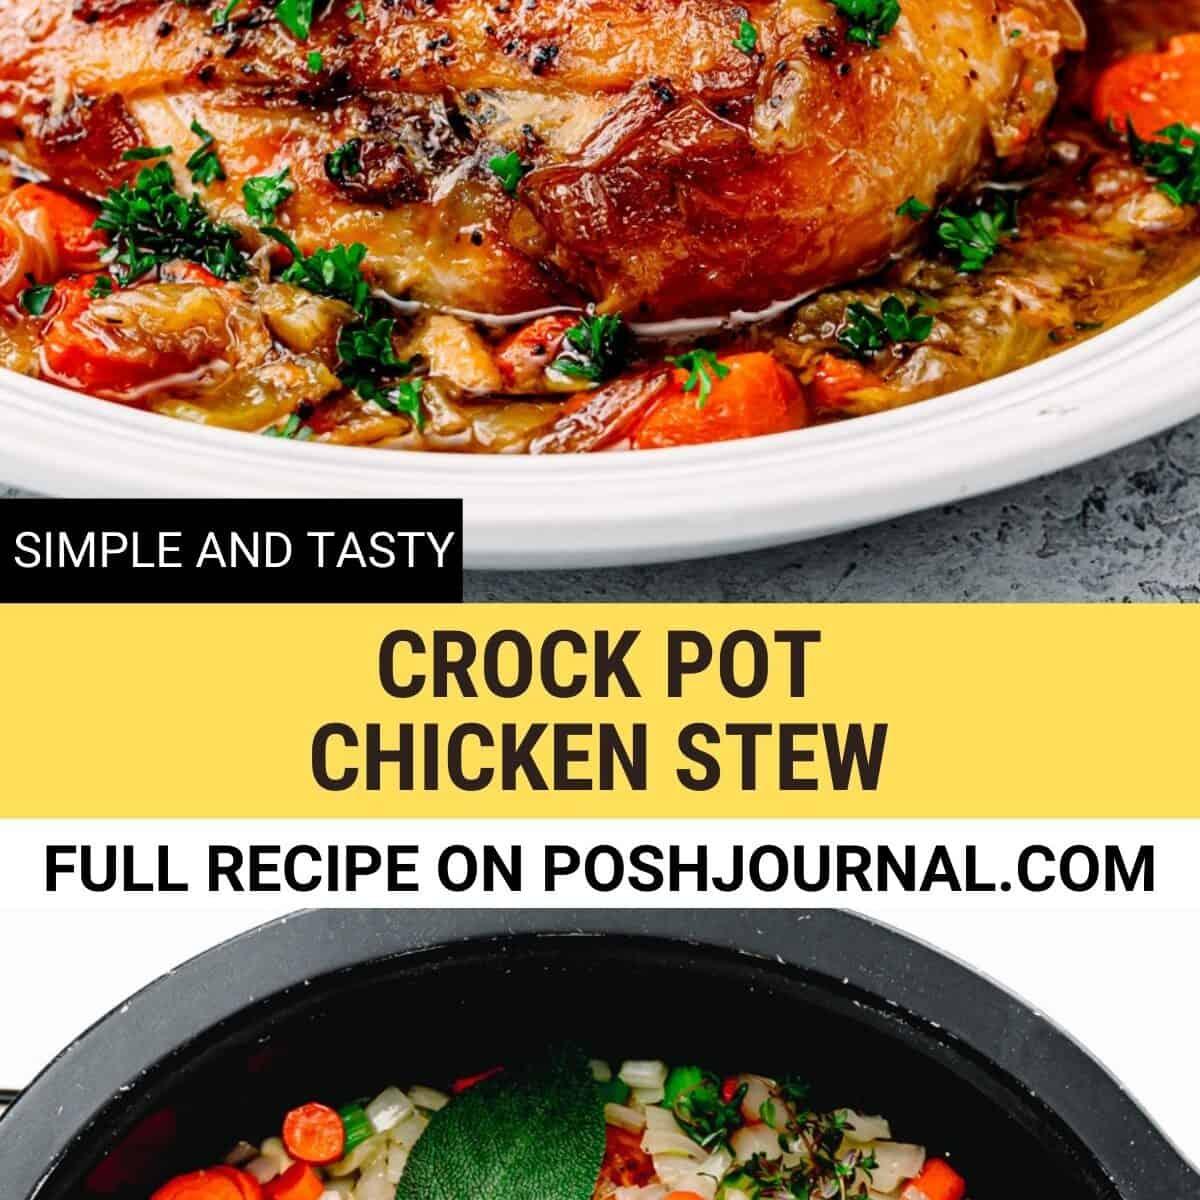 Crock Pot Chicken Stew.